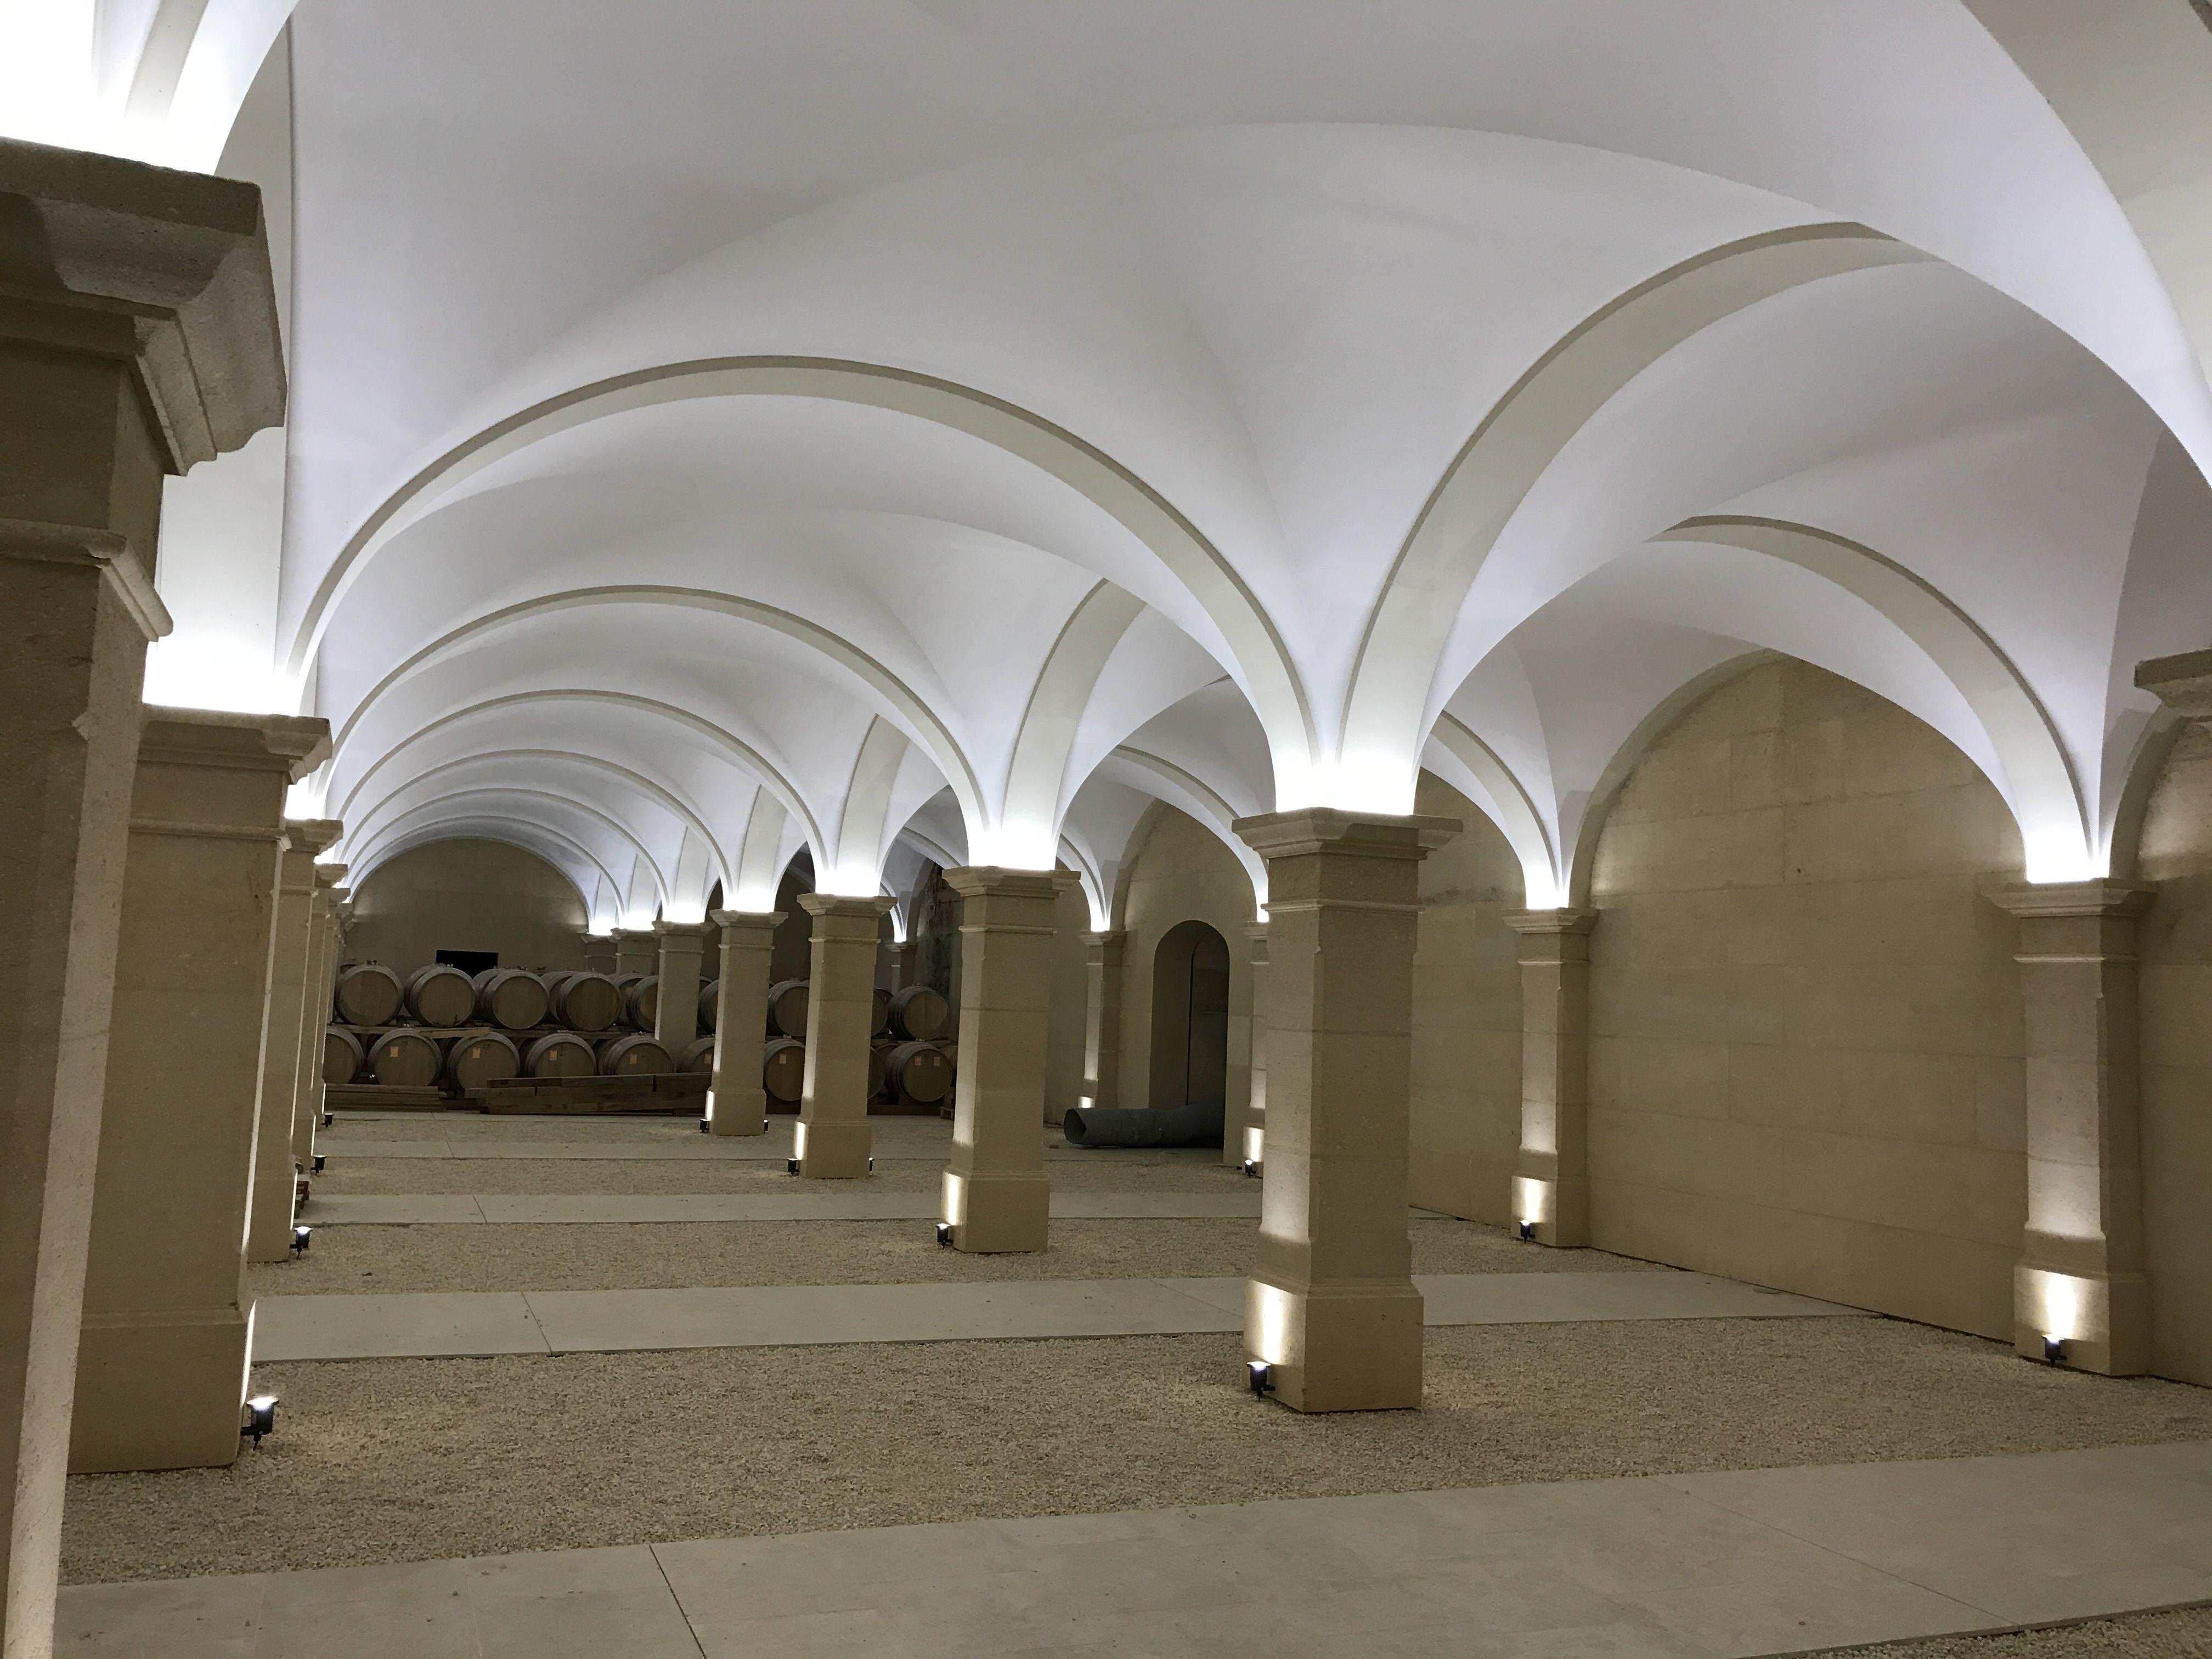 Weinkeller gewölbe bauen  Weinkeller in Frankreich: Gewölbe bauen mit Beton- Fertigteilen ...